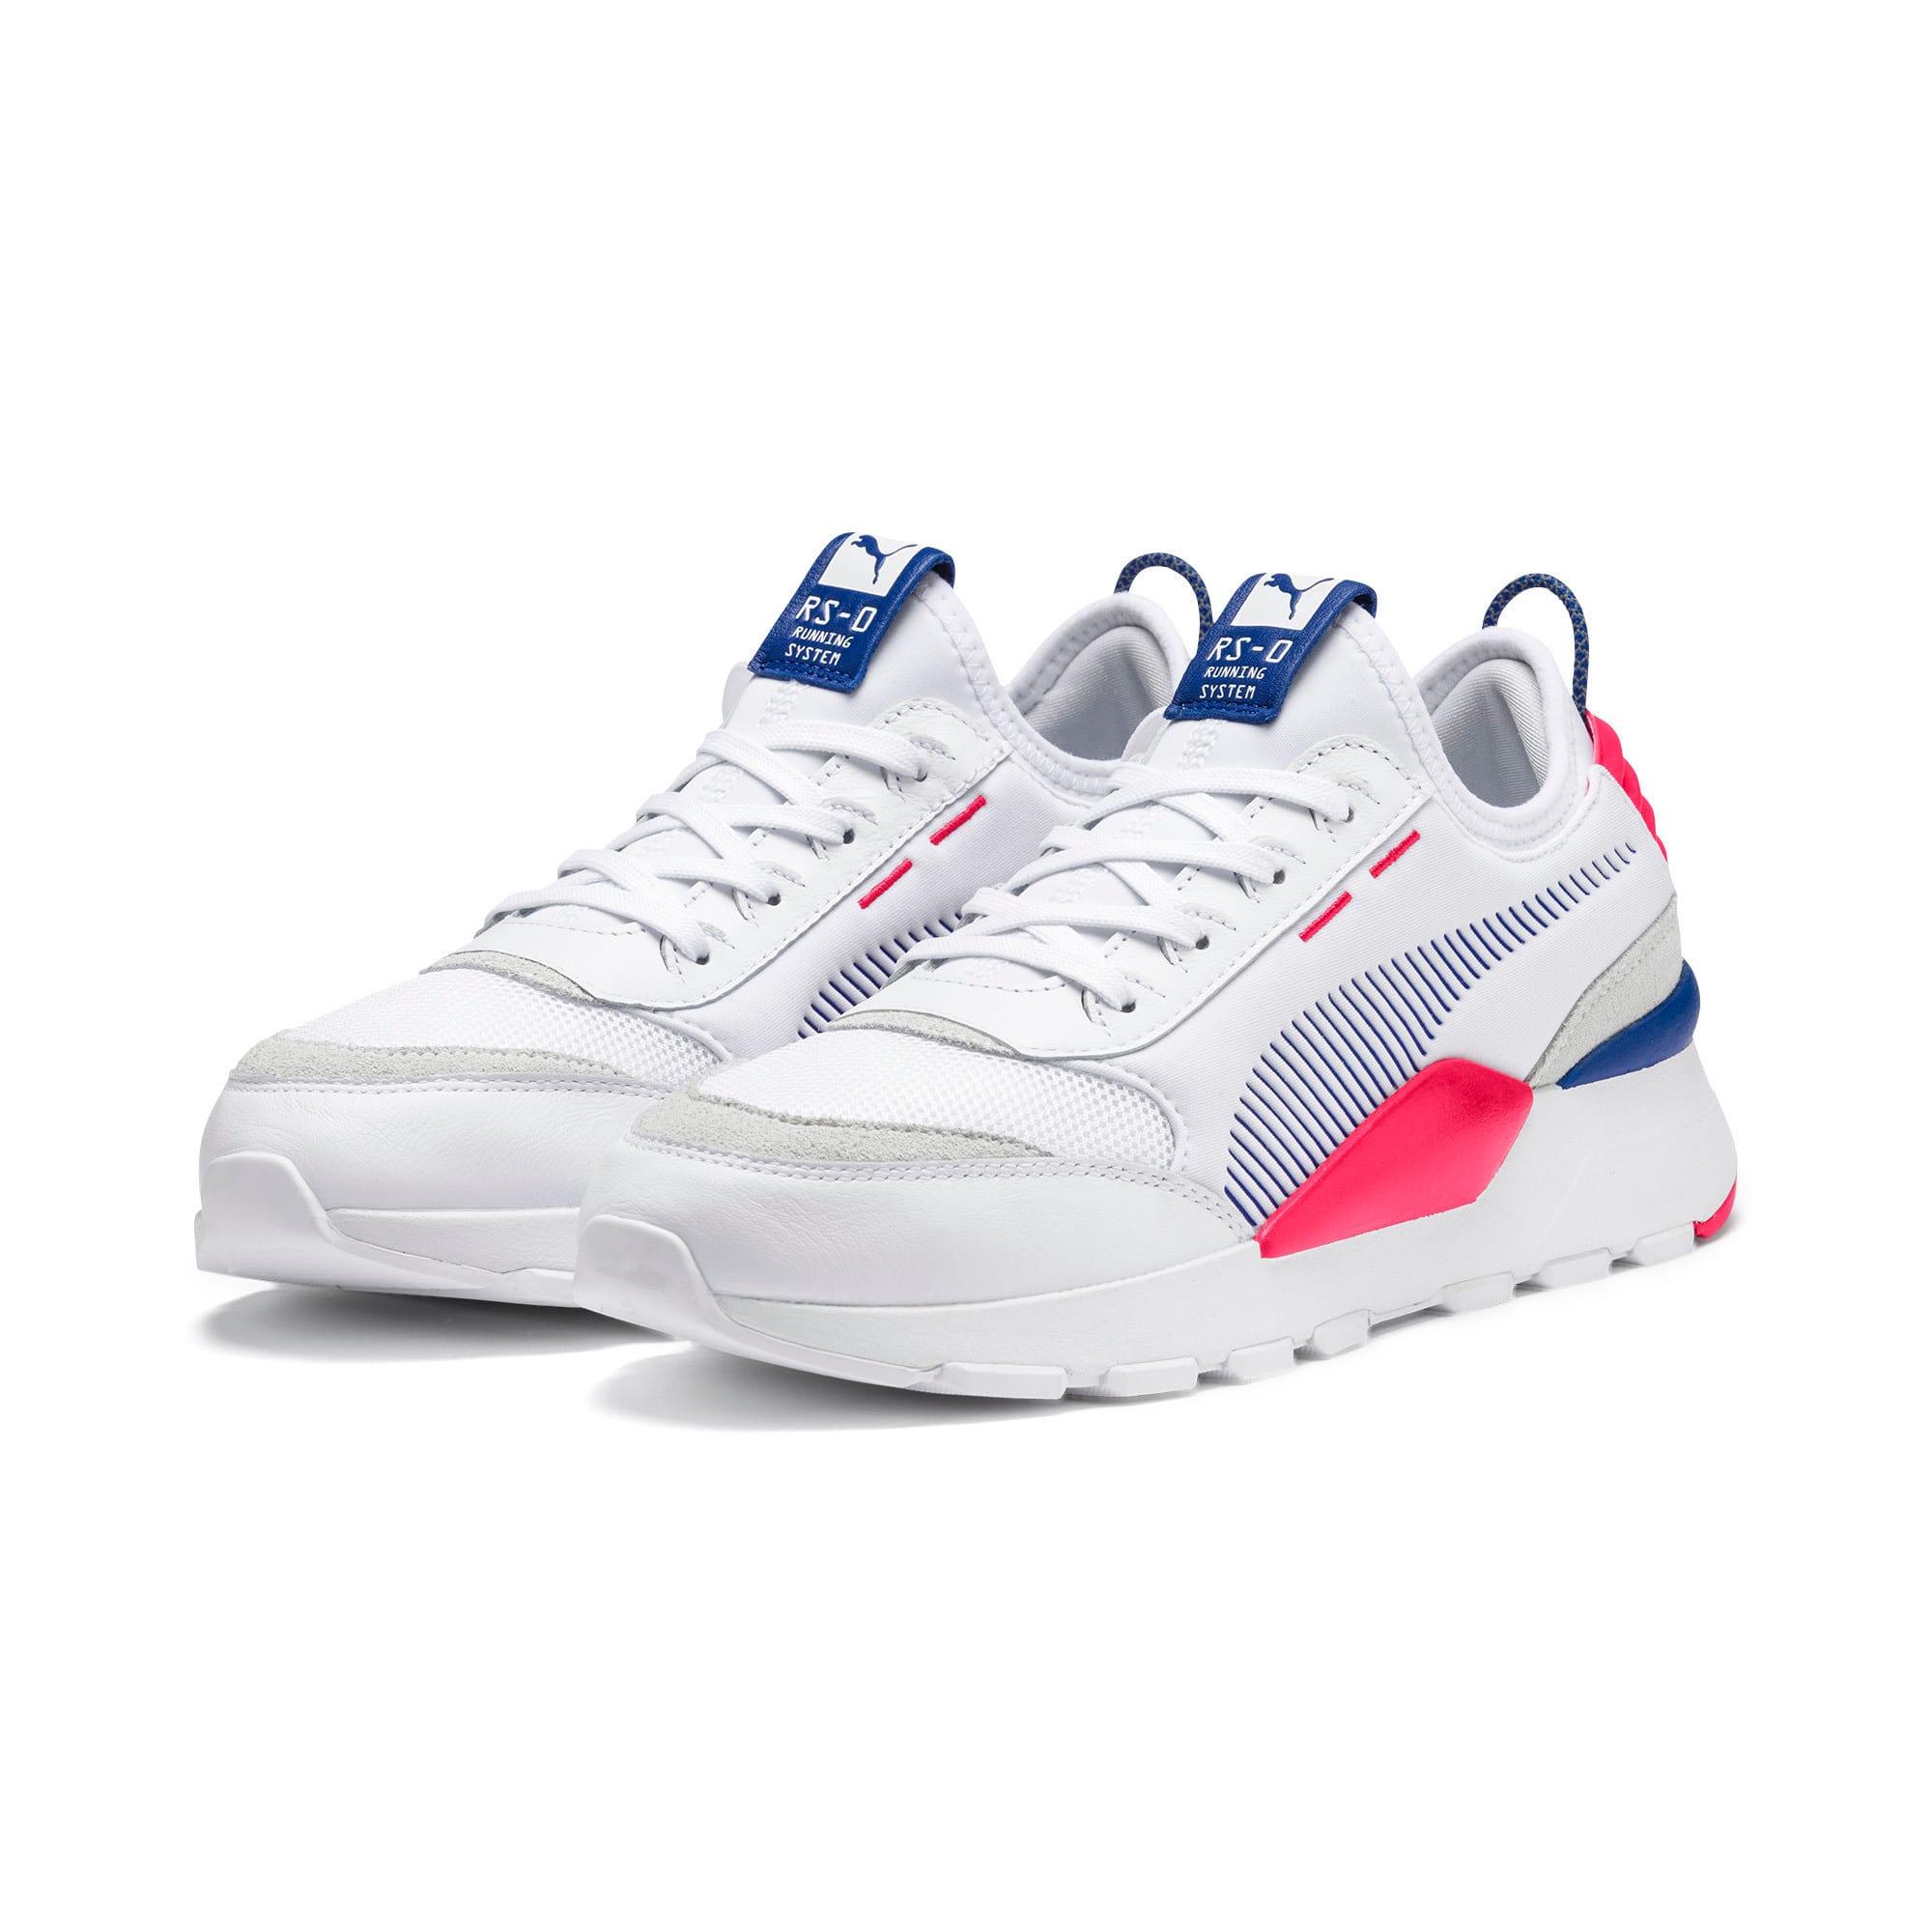 Thumbnail 2 of RS-0 Core Sneaker, Puma White-S Web-Nrgy Rose, medium